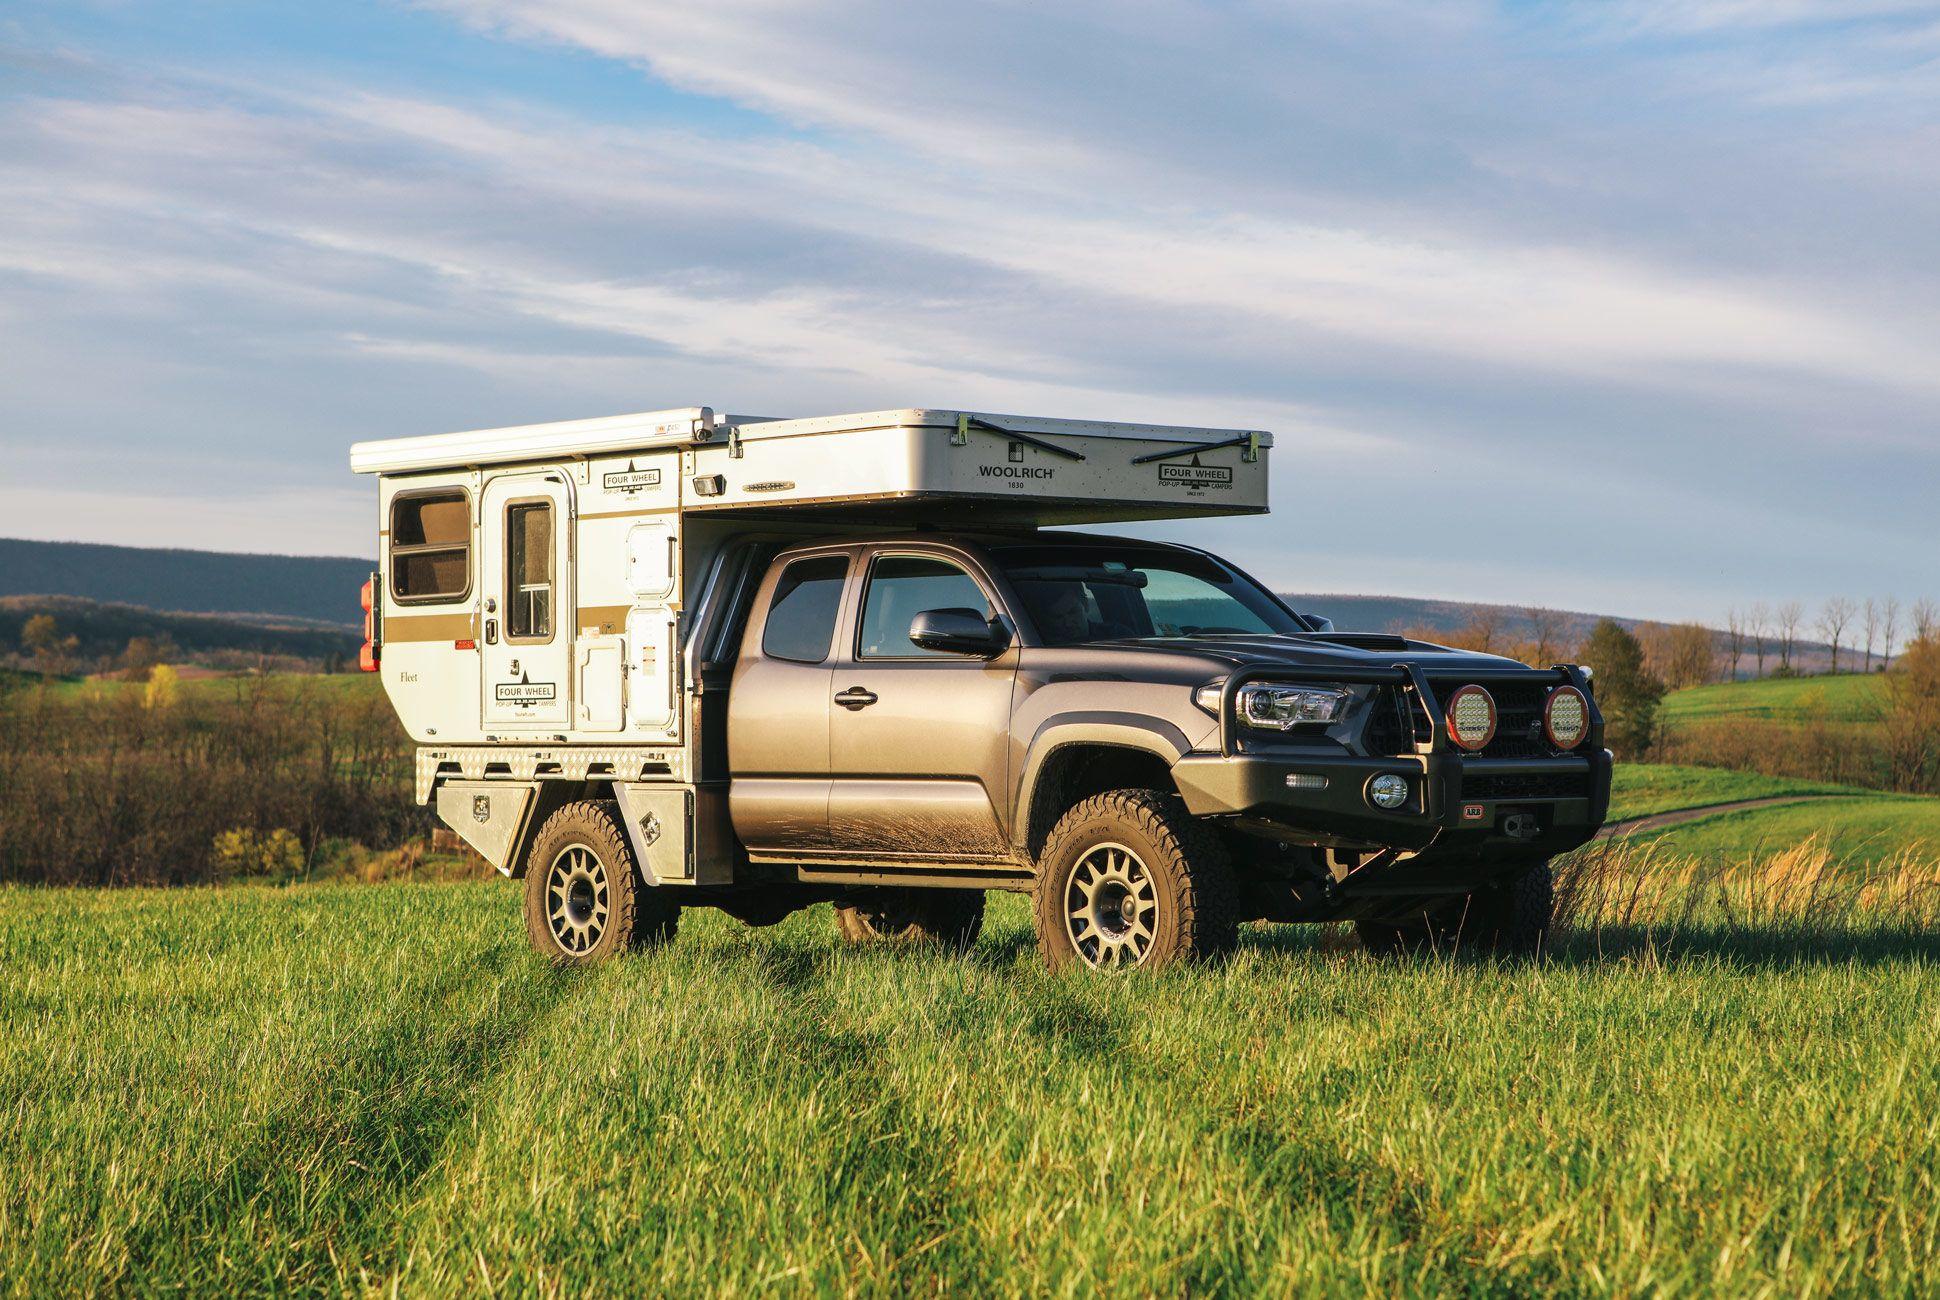 Woolrich-Truck-Gear-Patrol-1